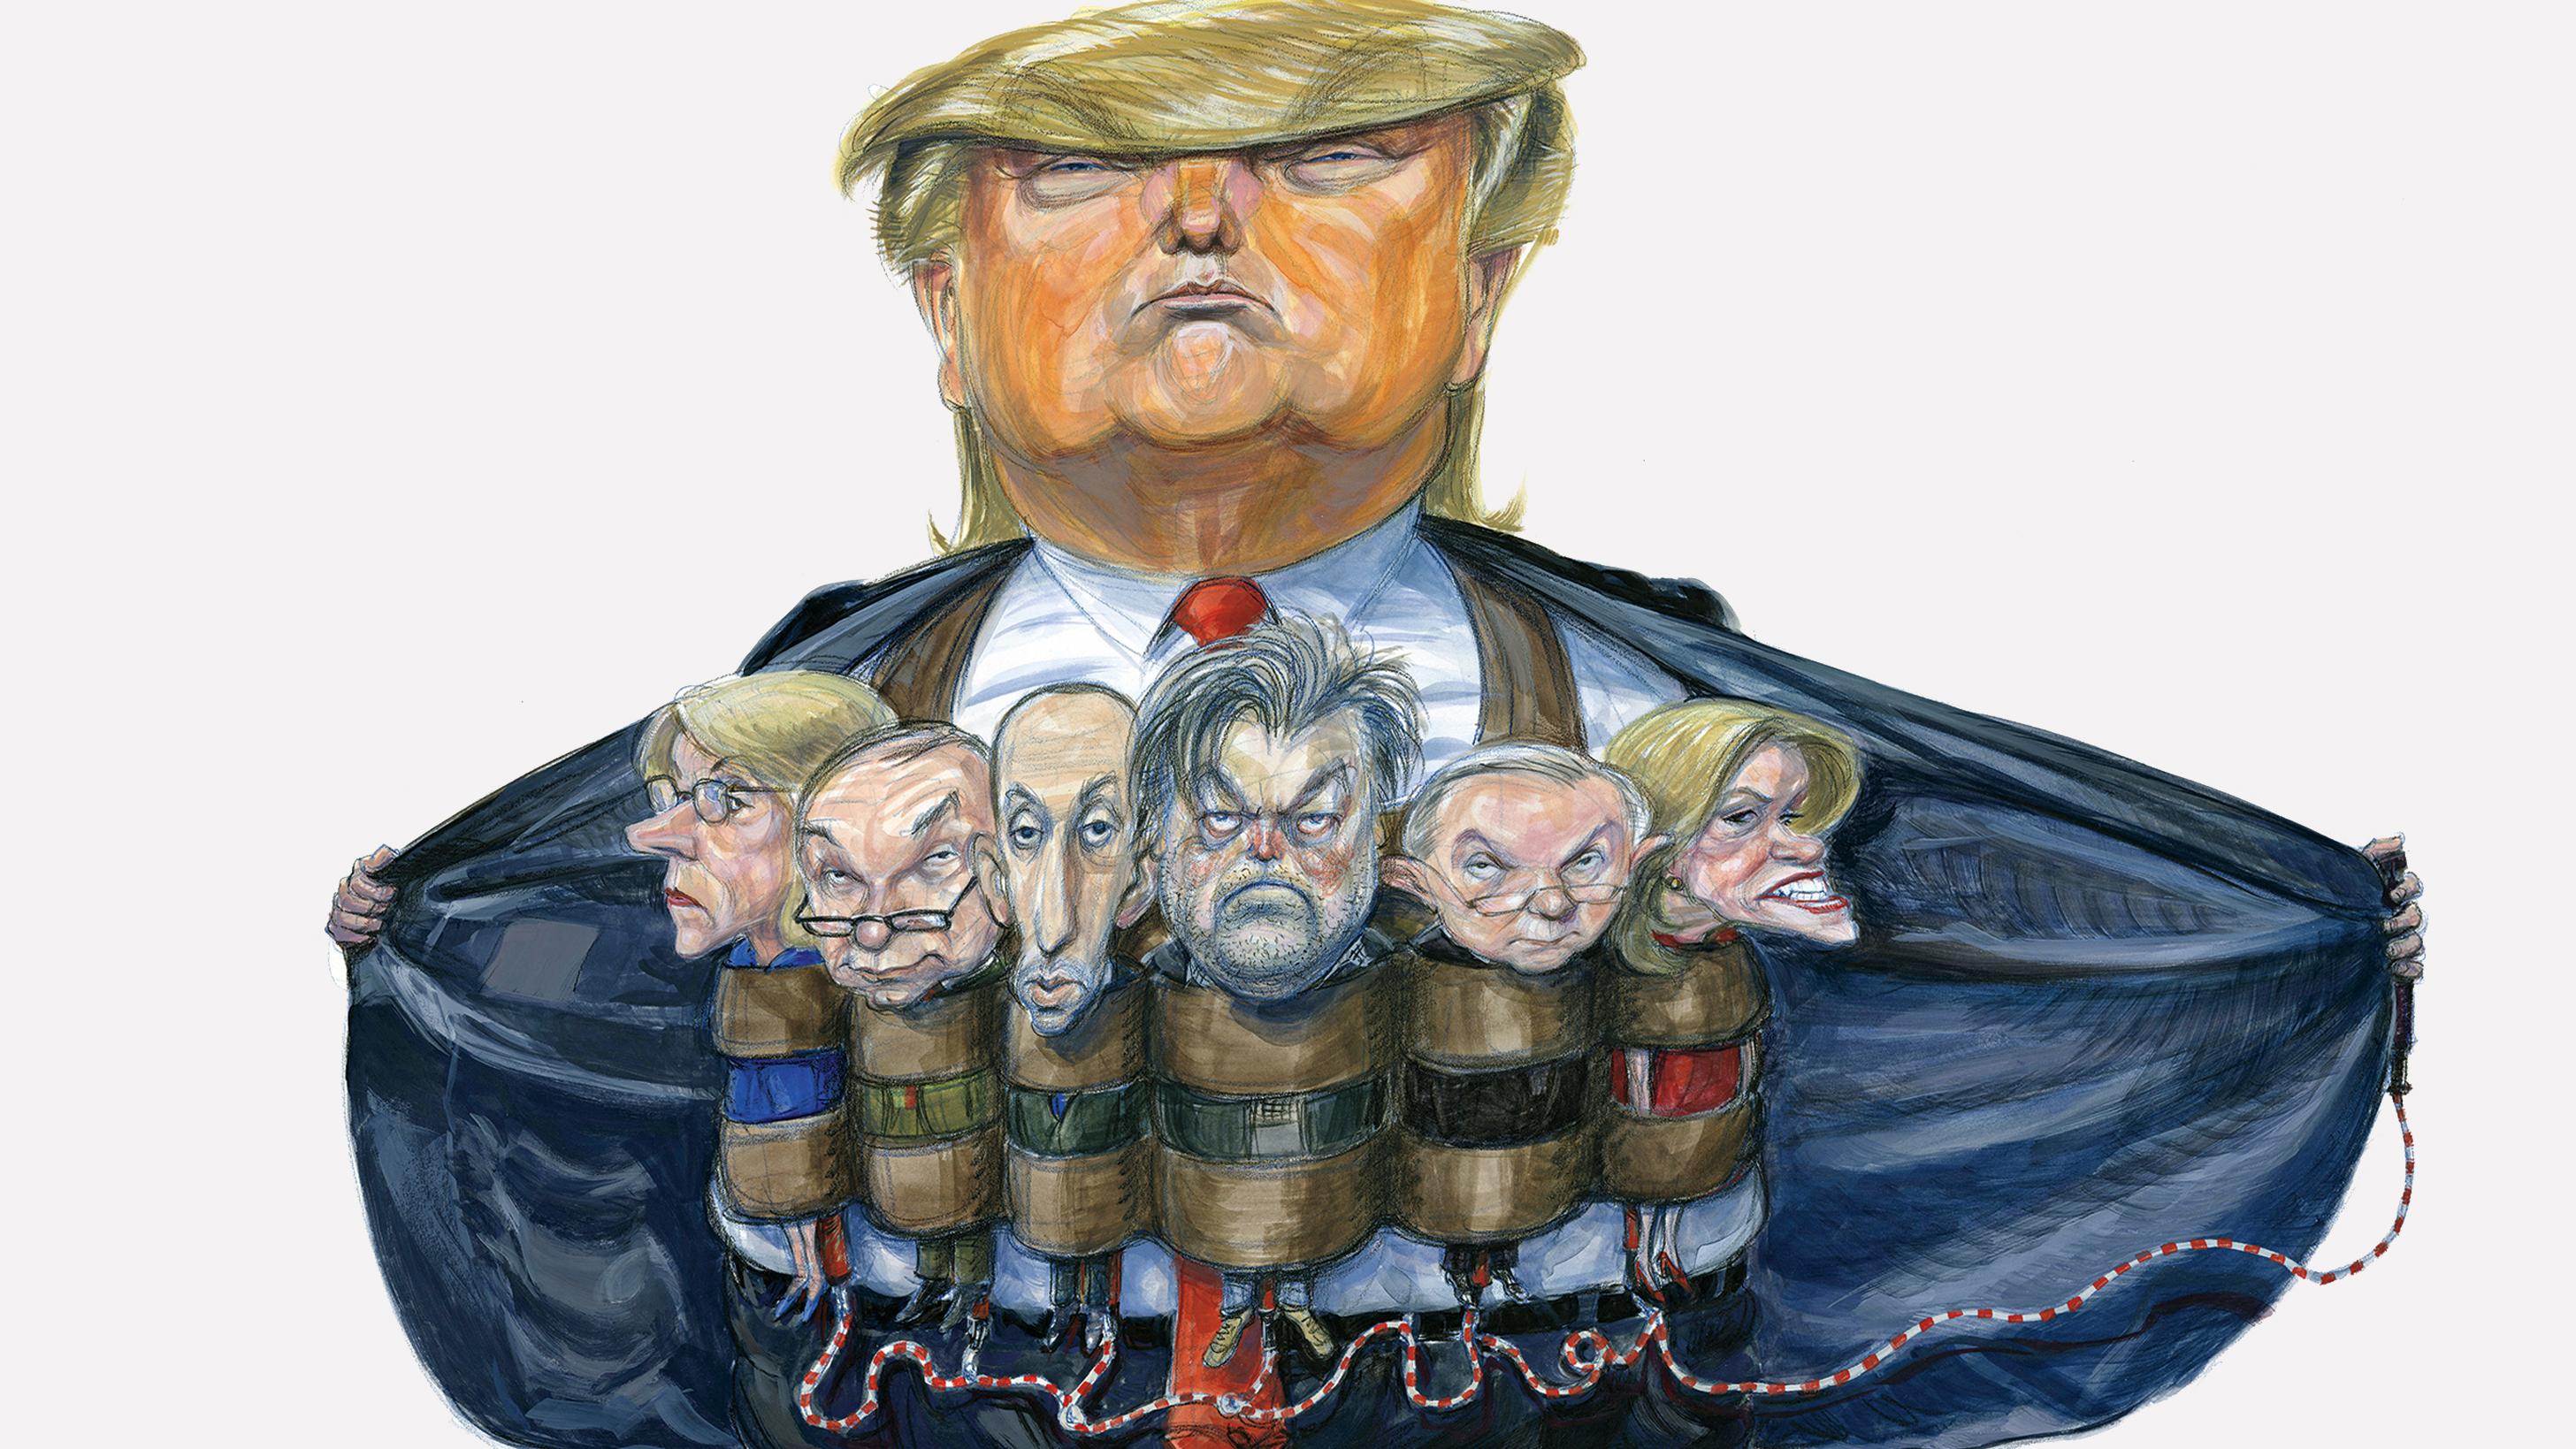 Trump the Destroyer